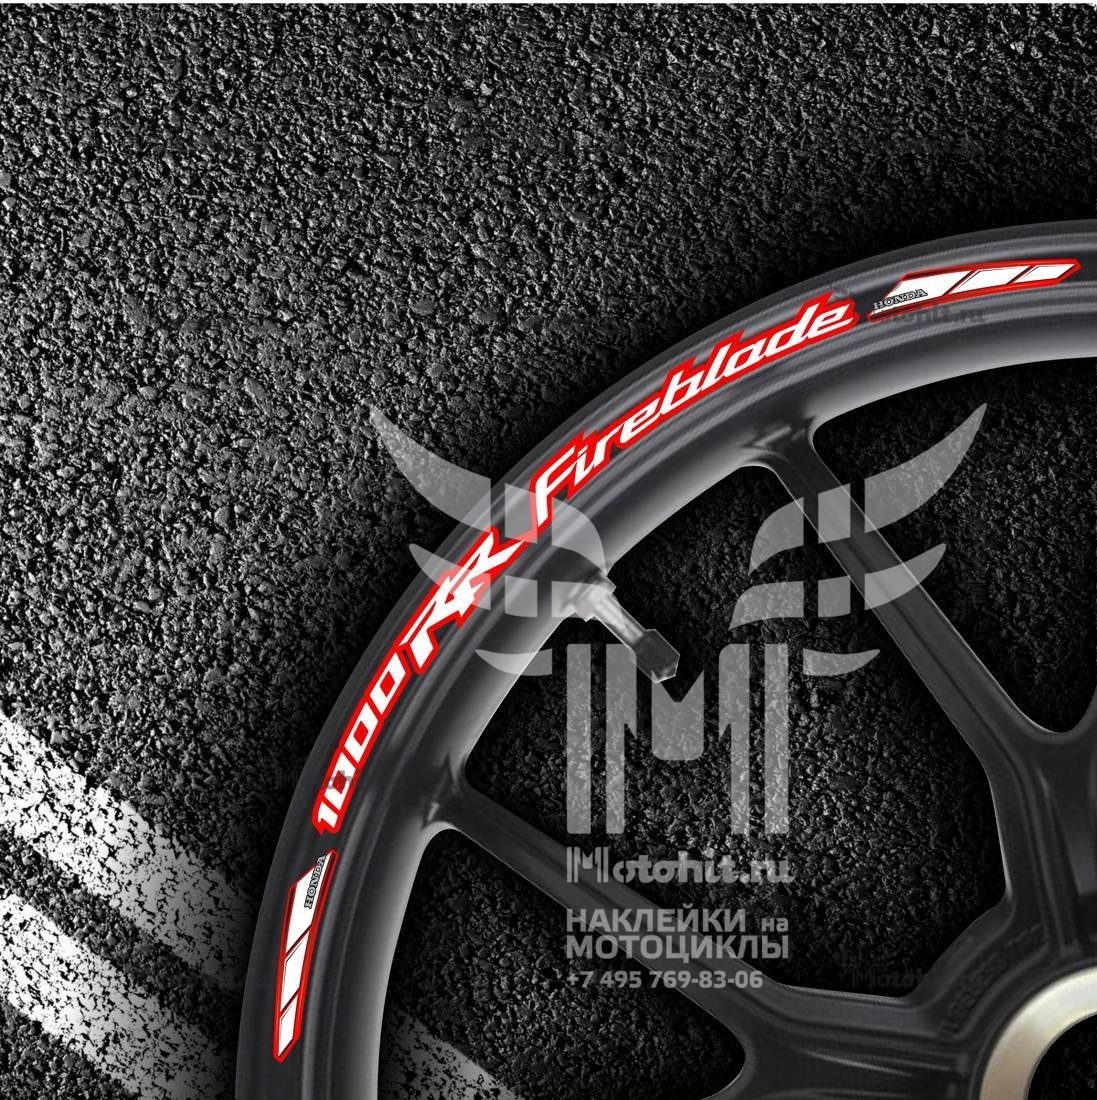 Комплект наклеек на обод колеса мотоцикла HONDA CBR-1000-RR